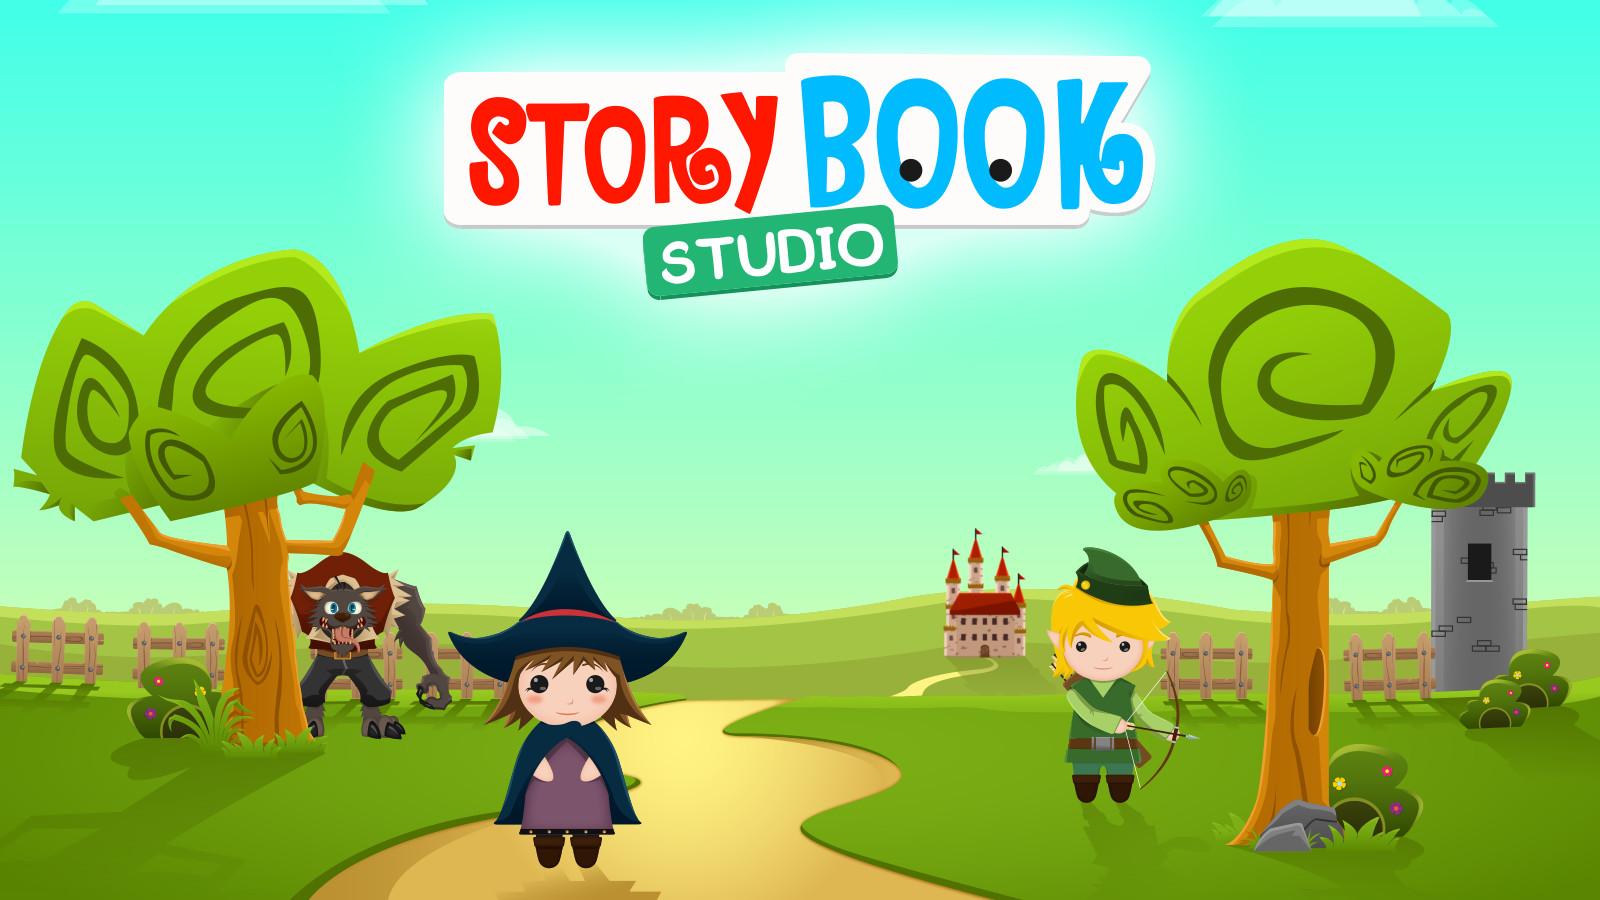 Play Video - StoryBook Studio